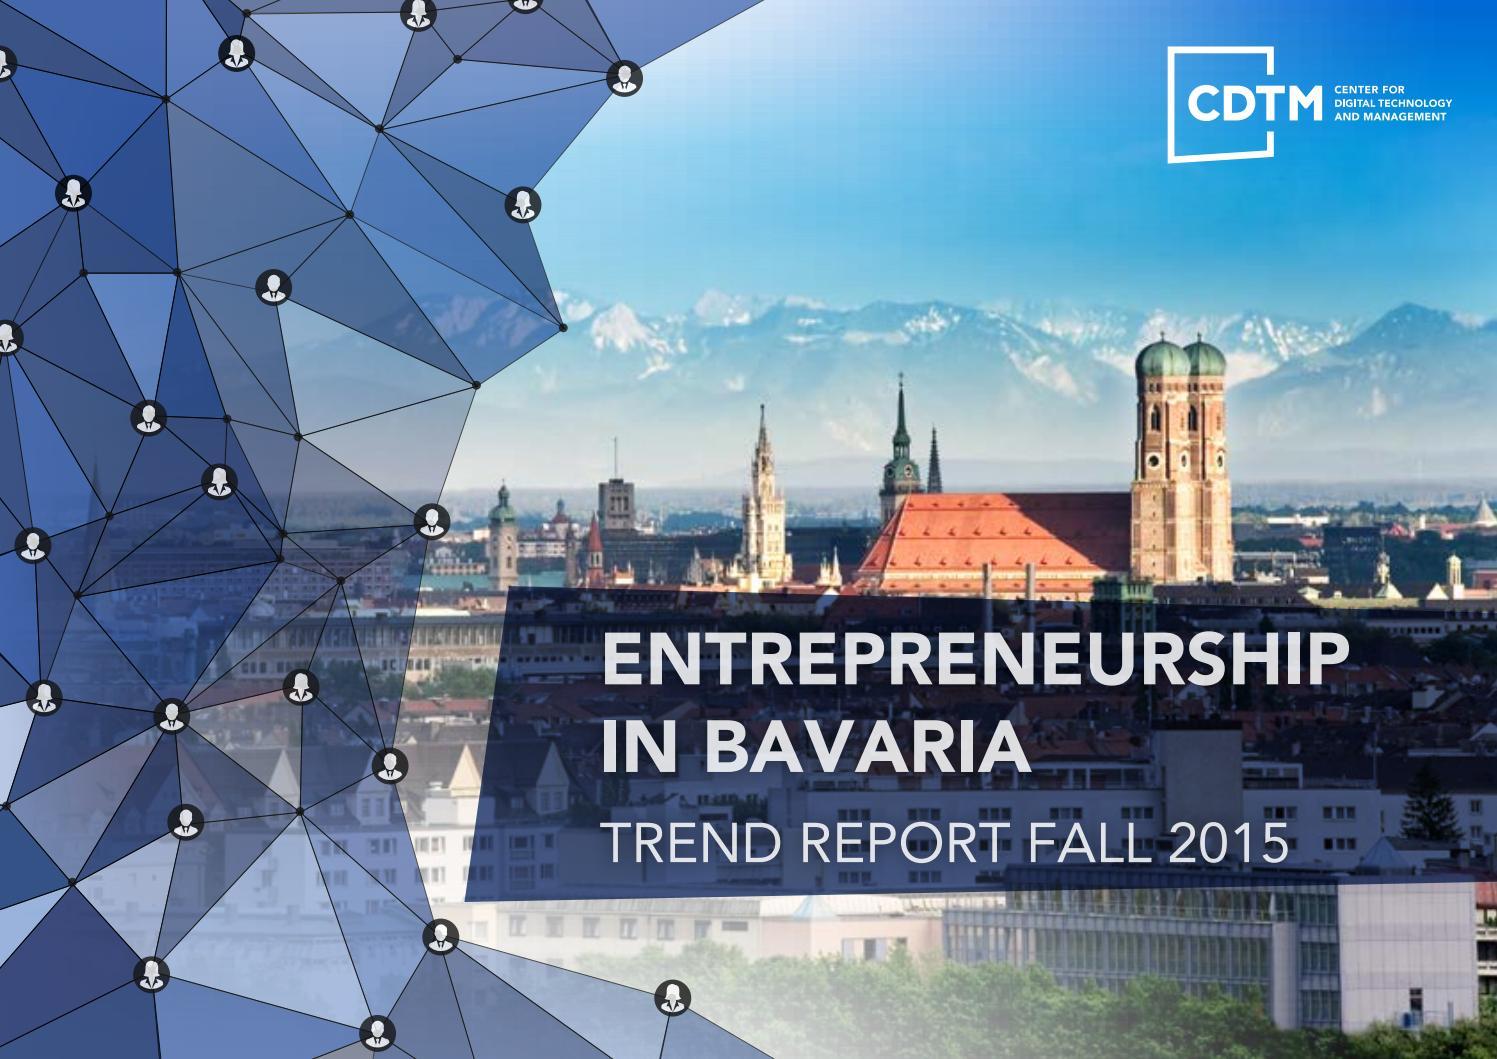 CDTM Trend Report: Entrepreneurship in Bavaria by Center for